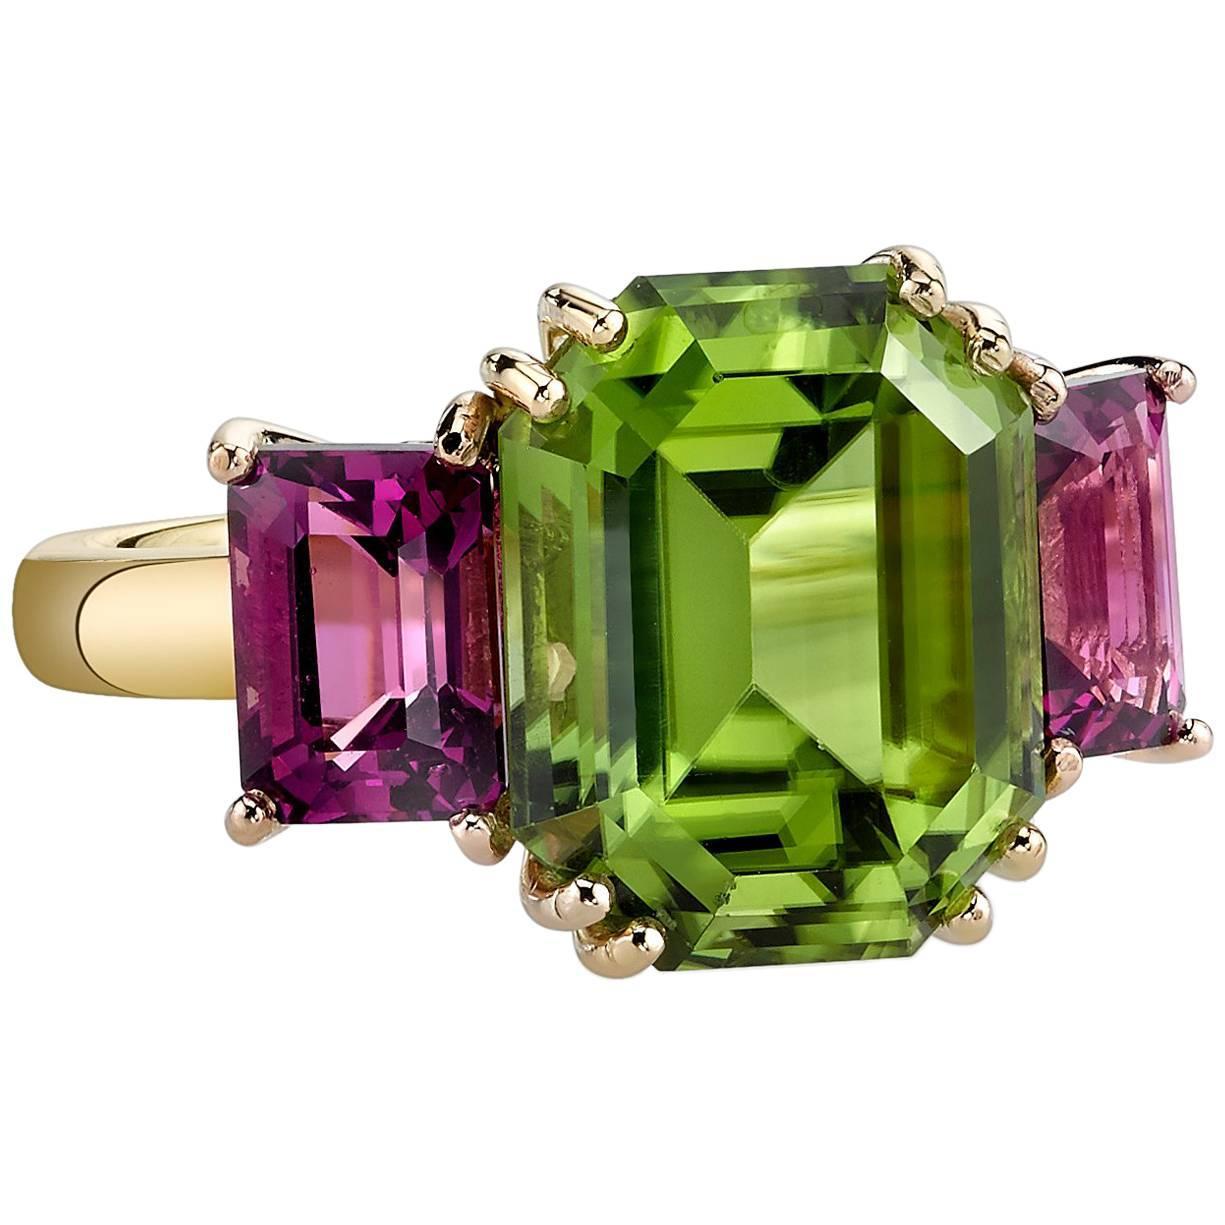 6.77 Carat Peridot, Pink Rhodolite Garnet, Yellow & Rose Gold 3-Stone Ring